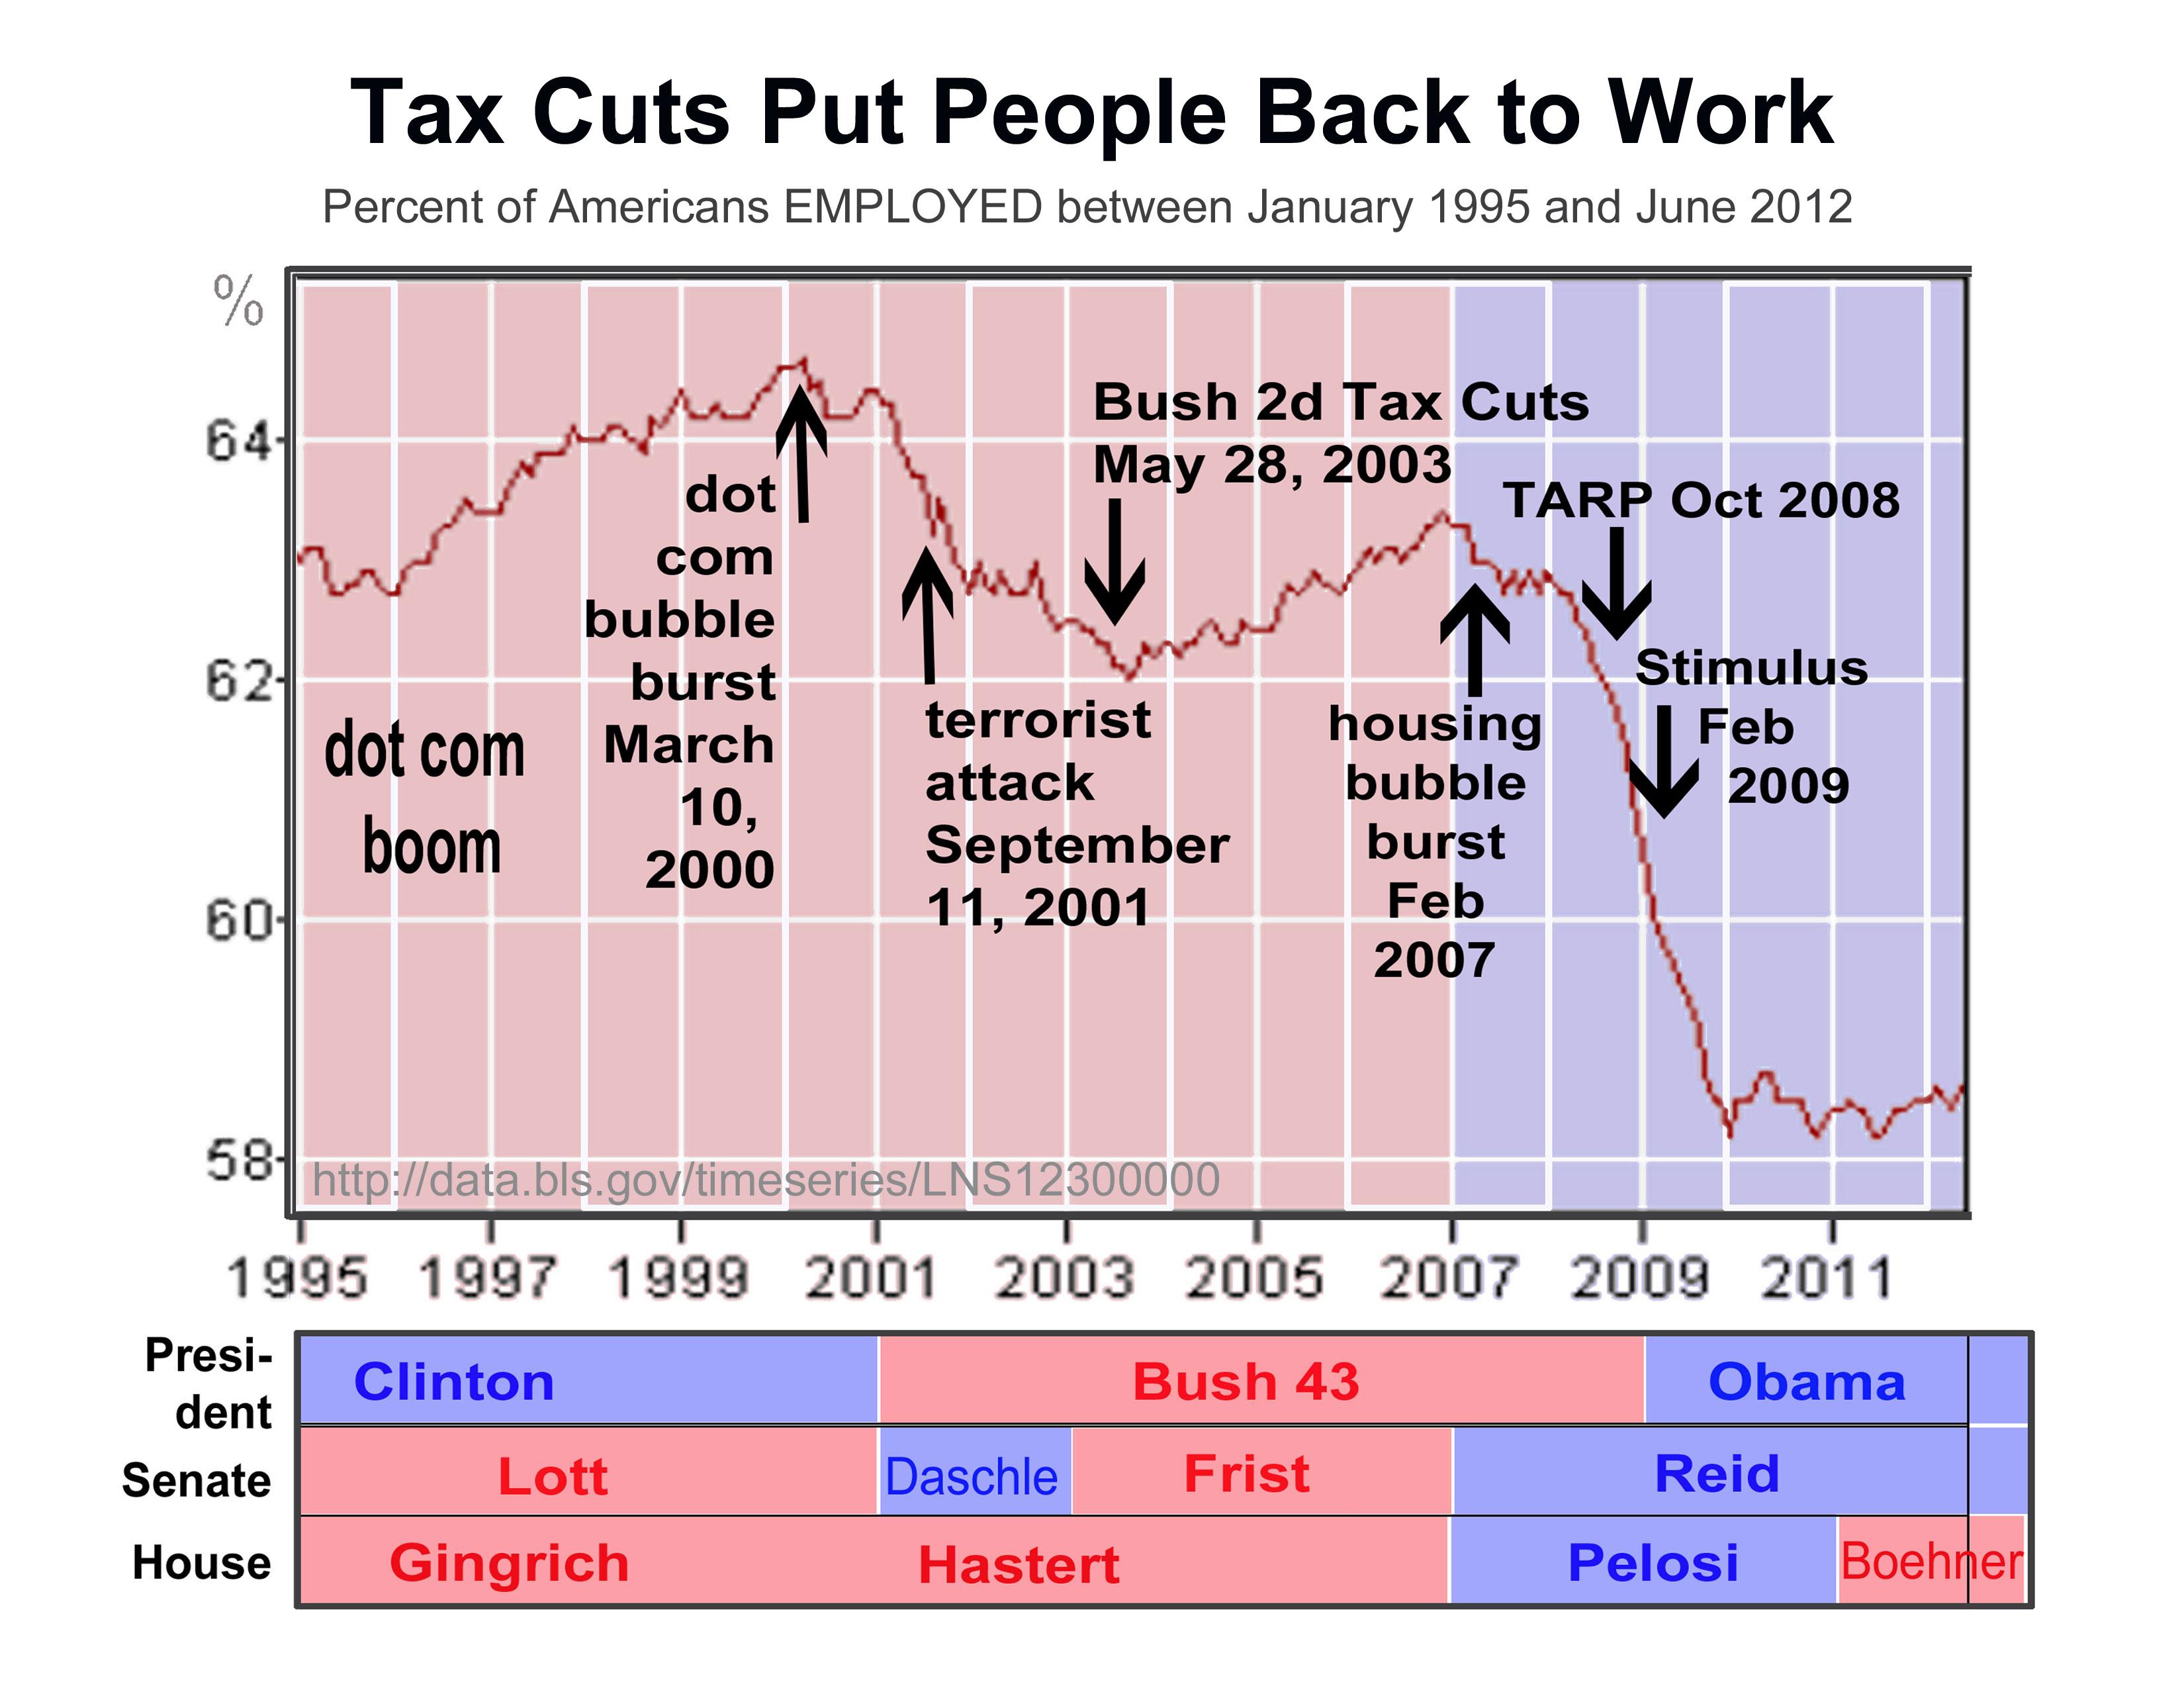 2012 1995 tax cuts put people back to work1 bush tax cuts vs obama stimulus i took the red pill